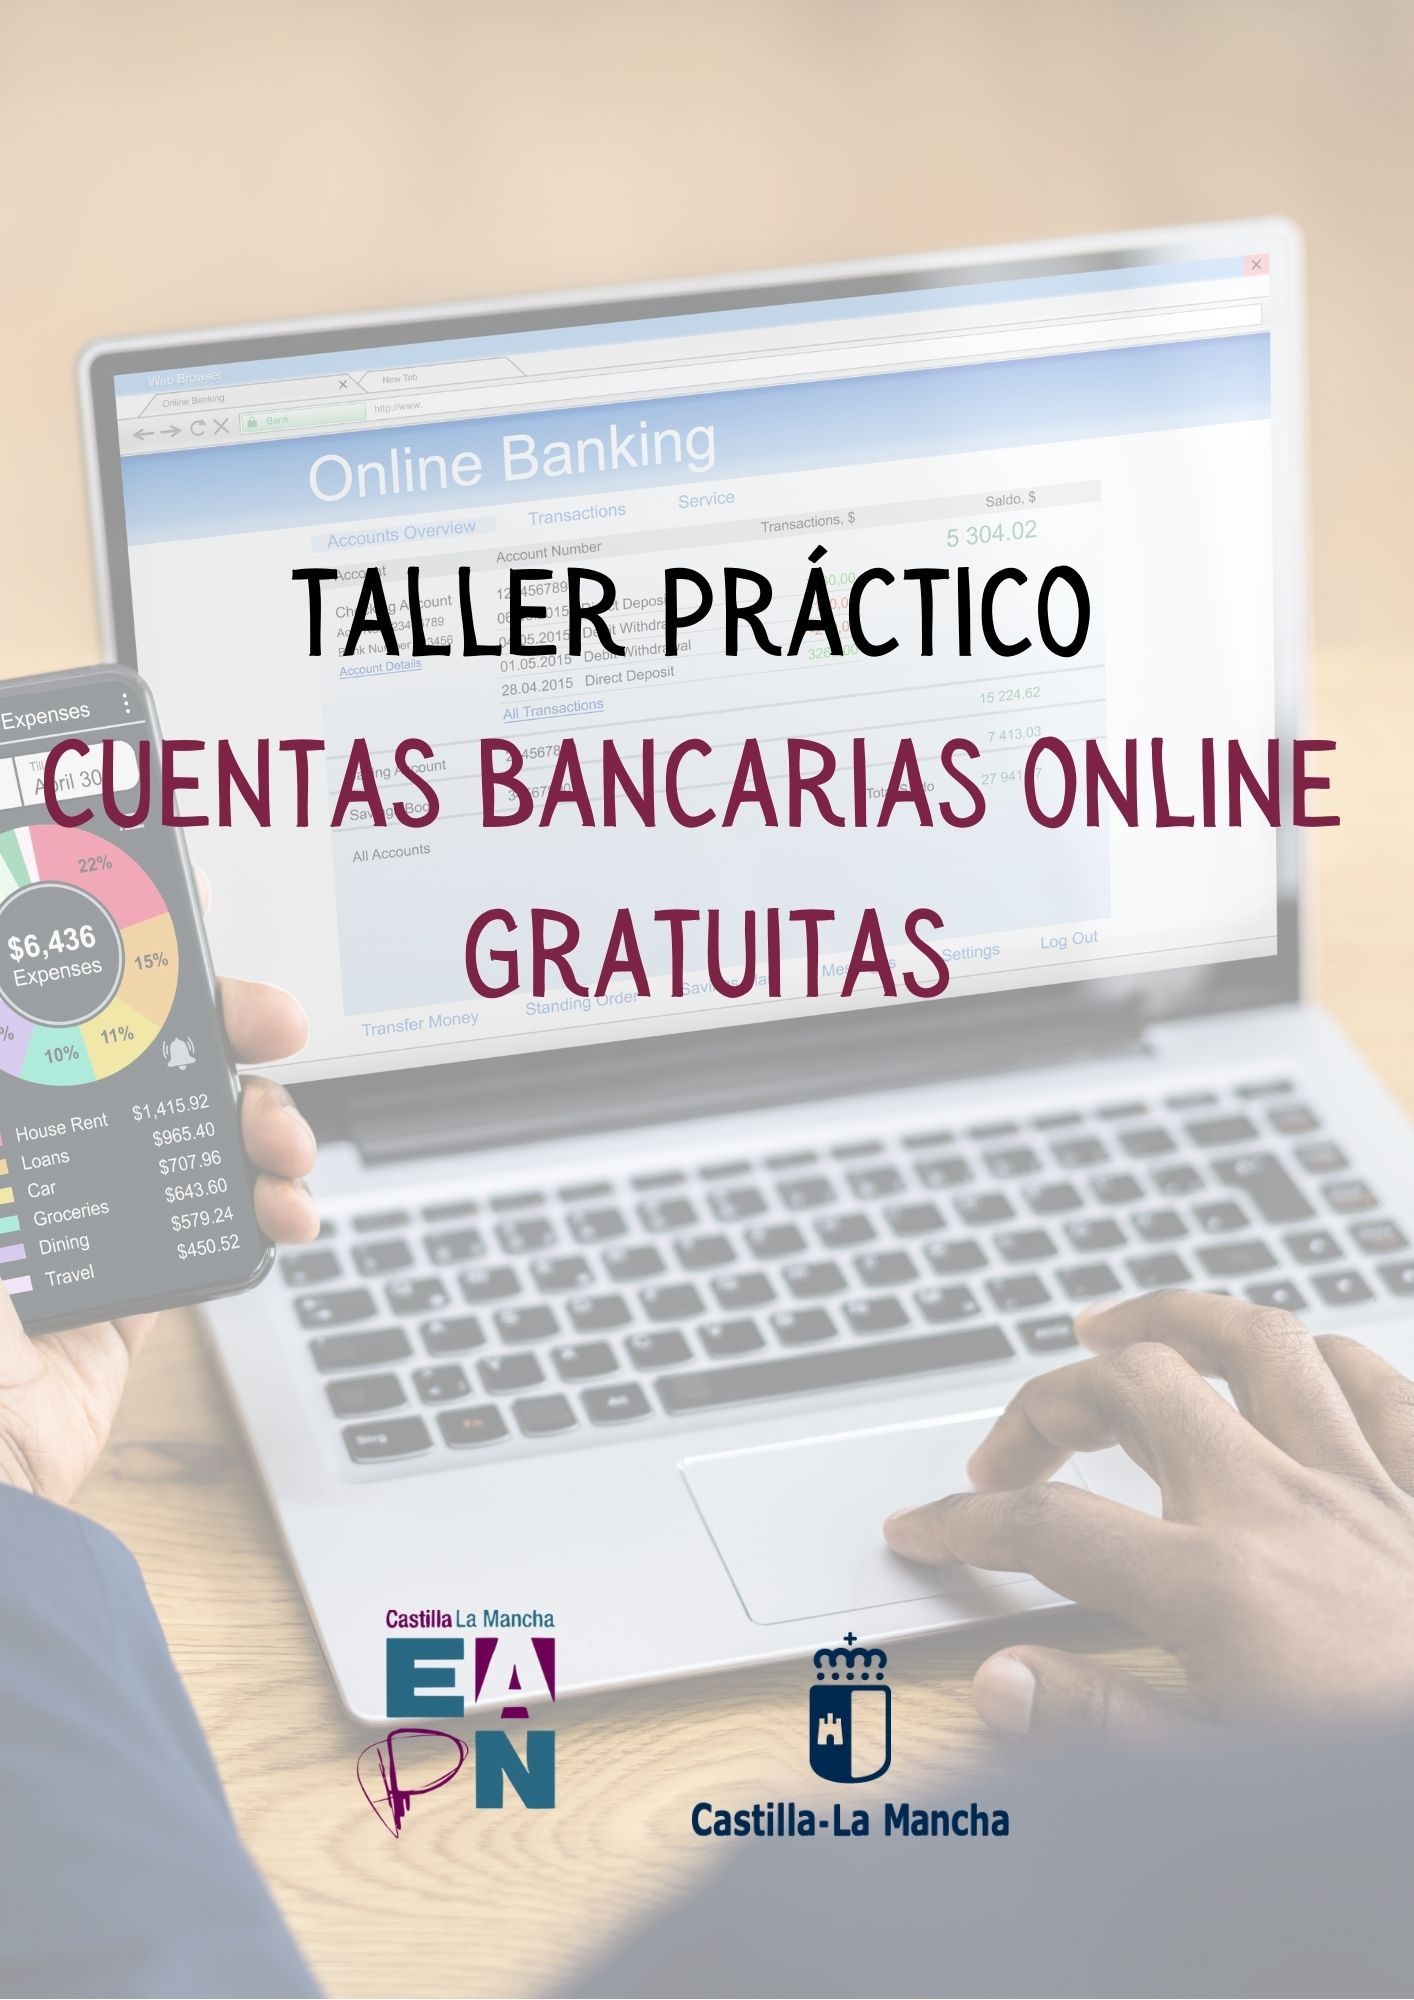 Taller practico cuentas bancarias online gratuitas